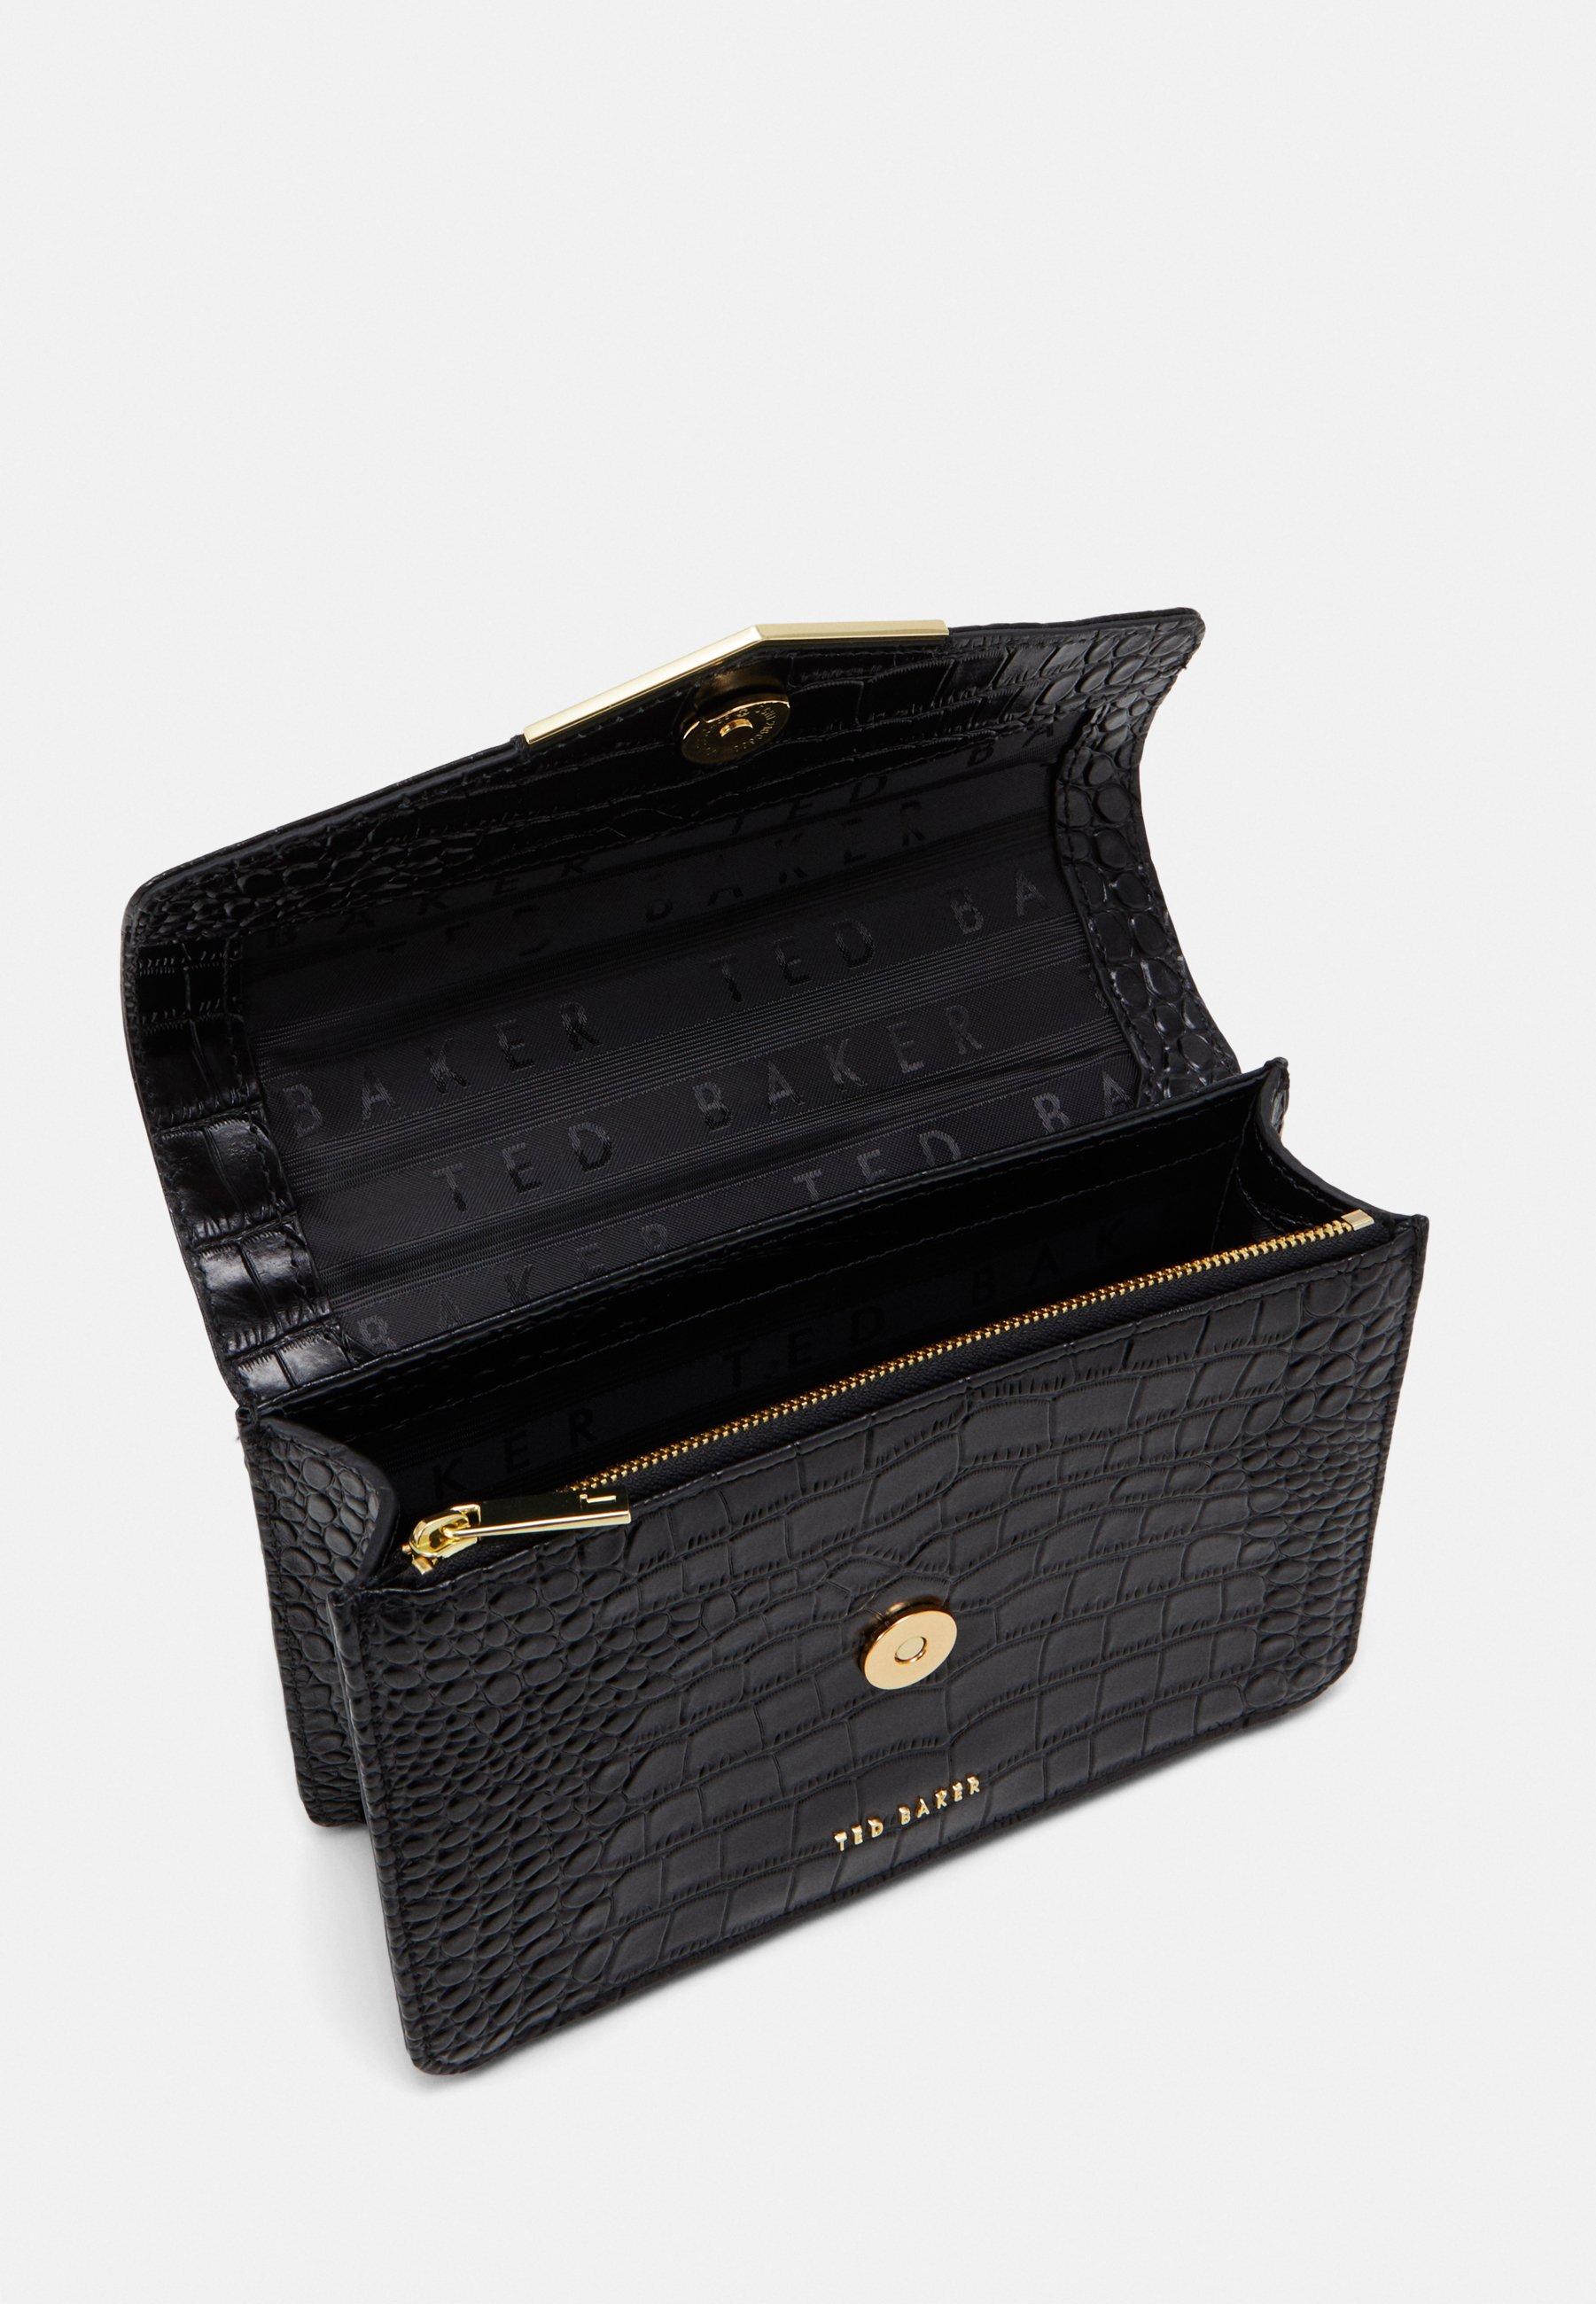 Ted Baker Beks Sandalwood Imitation Croc Envelope Xbody Bag - Umhängetasche Black/schwarz